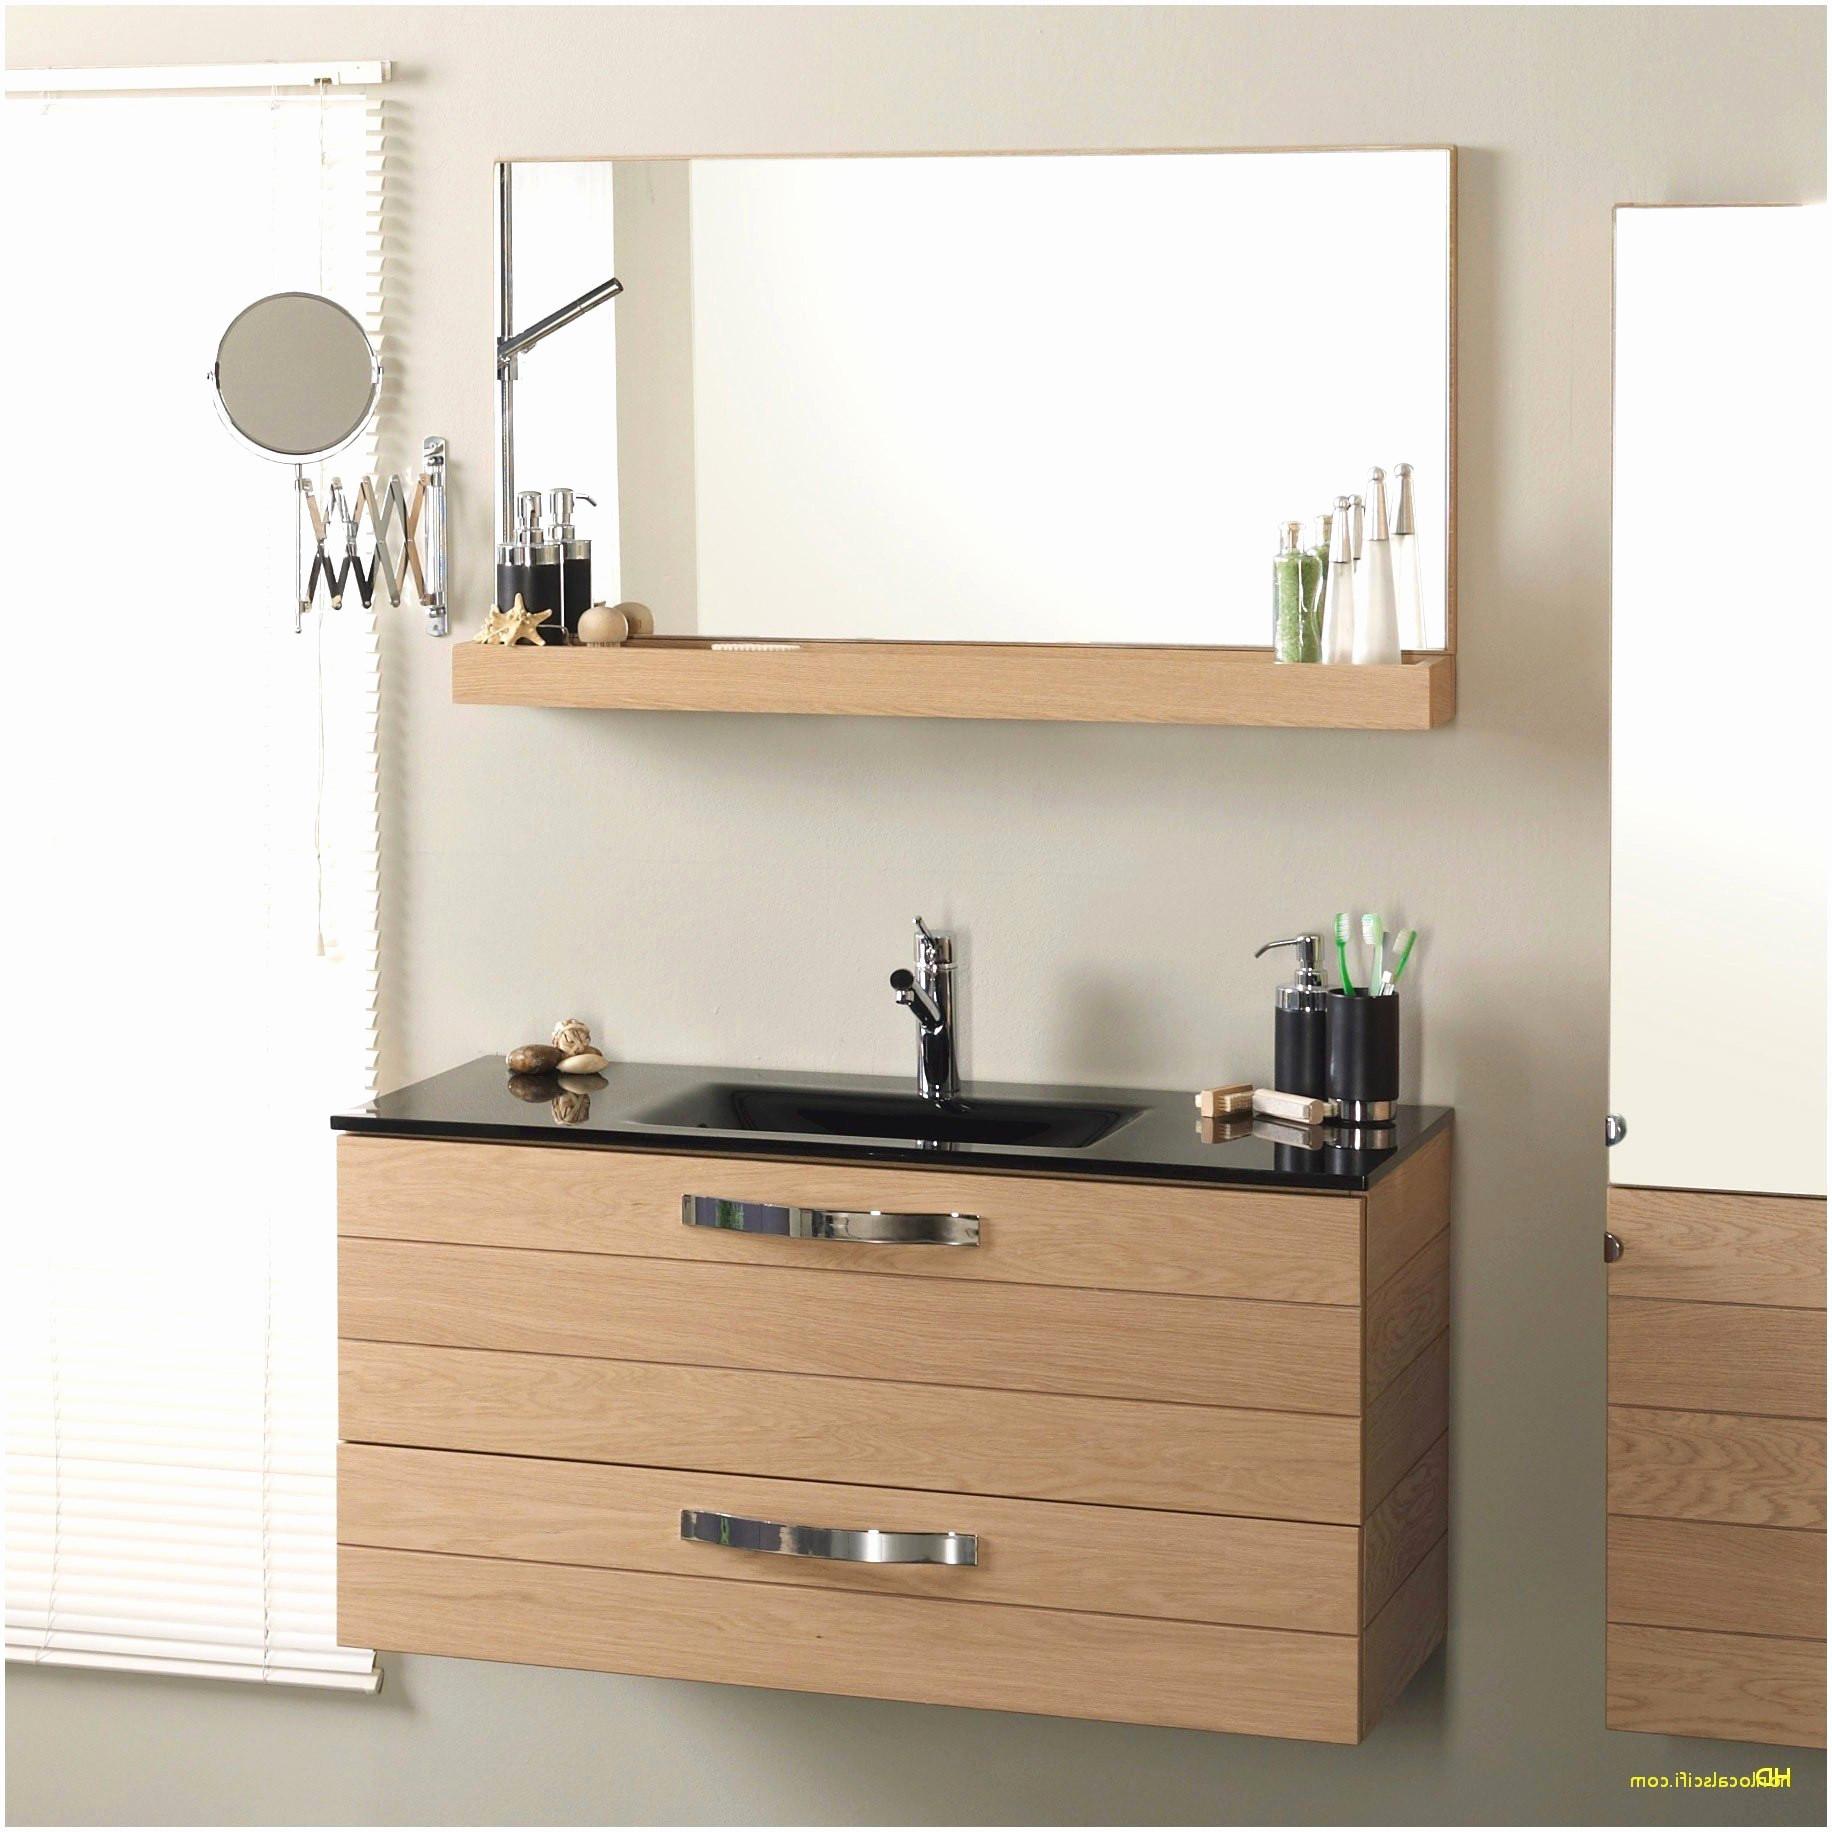 faire un meuble en bois fabriquer un meuble en bois c2a2c28be280a0c285 fabriquer des meubles le luxe of faire un meuble en bois